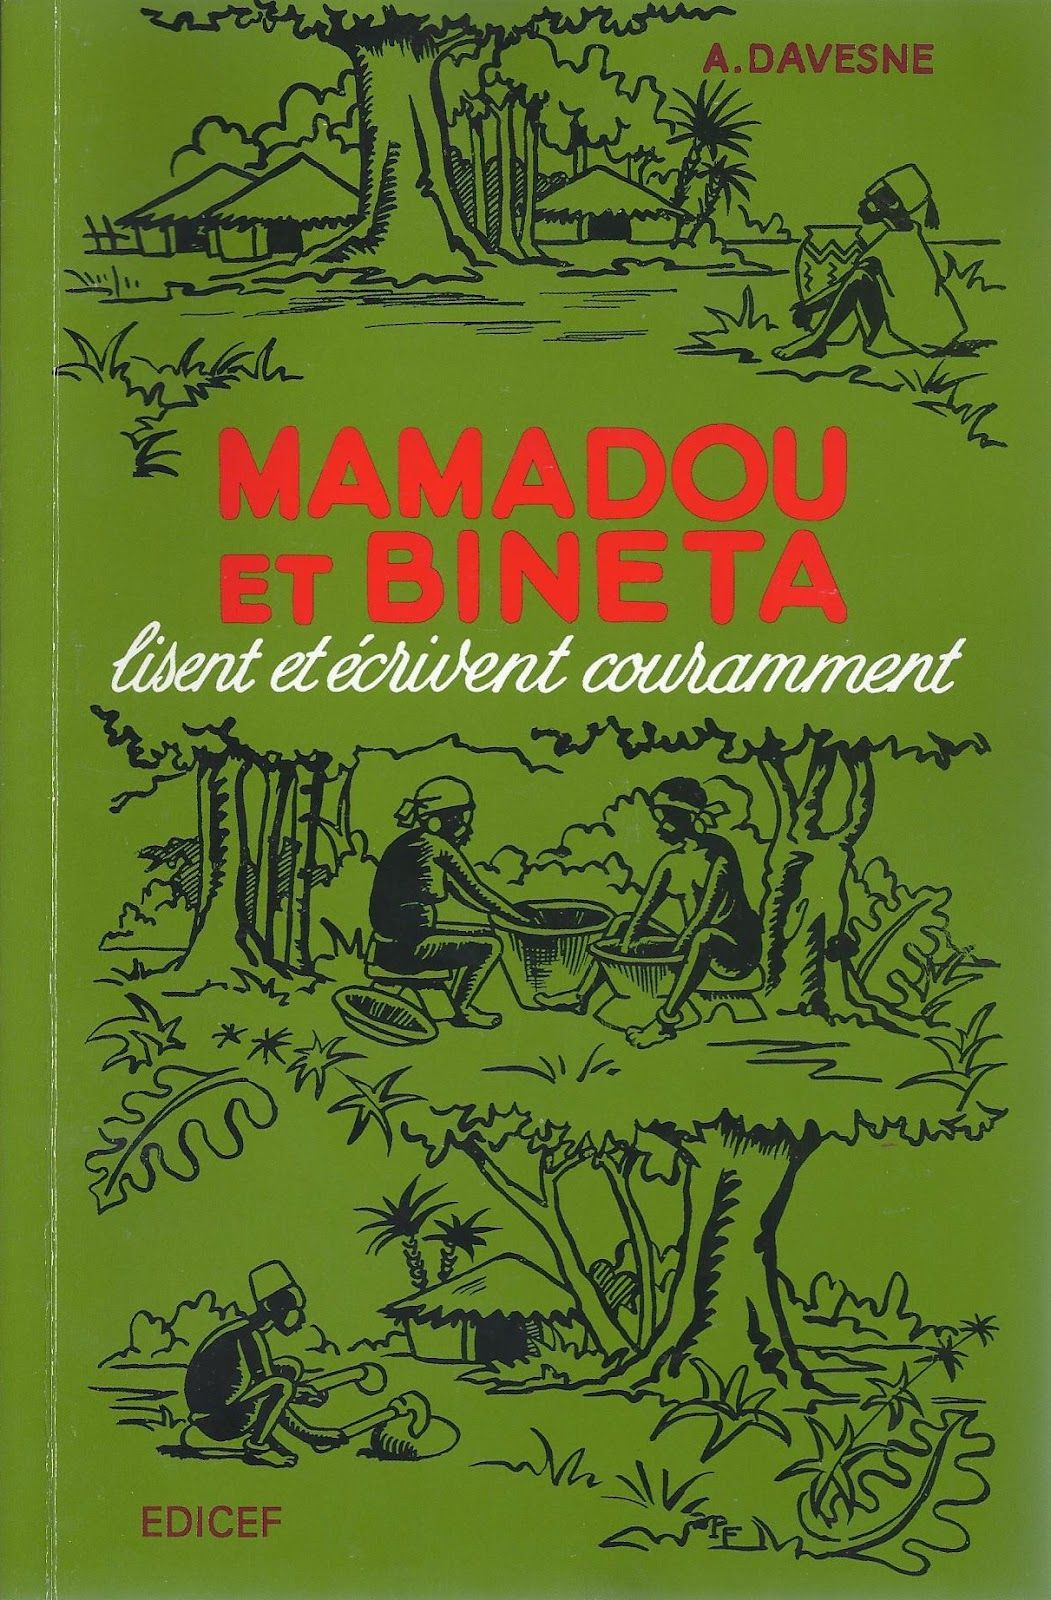 PDF BINETA GRATUIT ET MAMADOU TÉLÉCHARGER